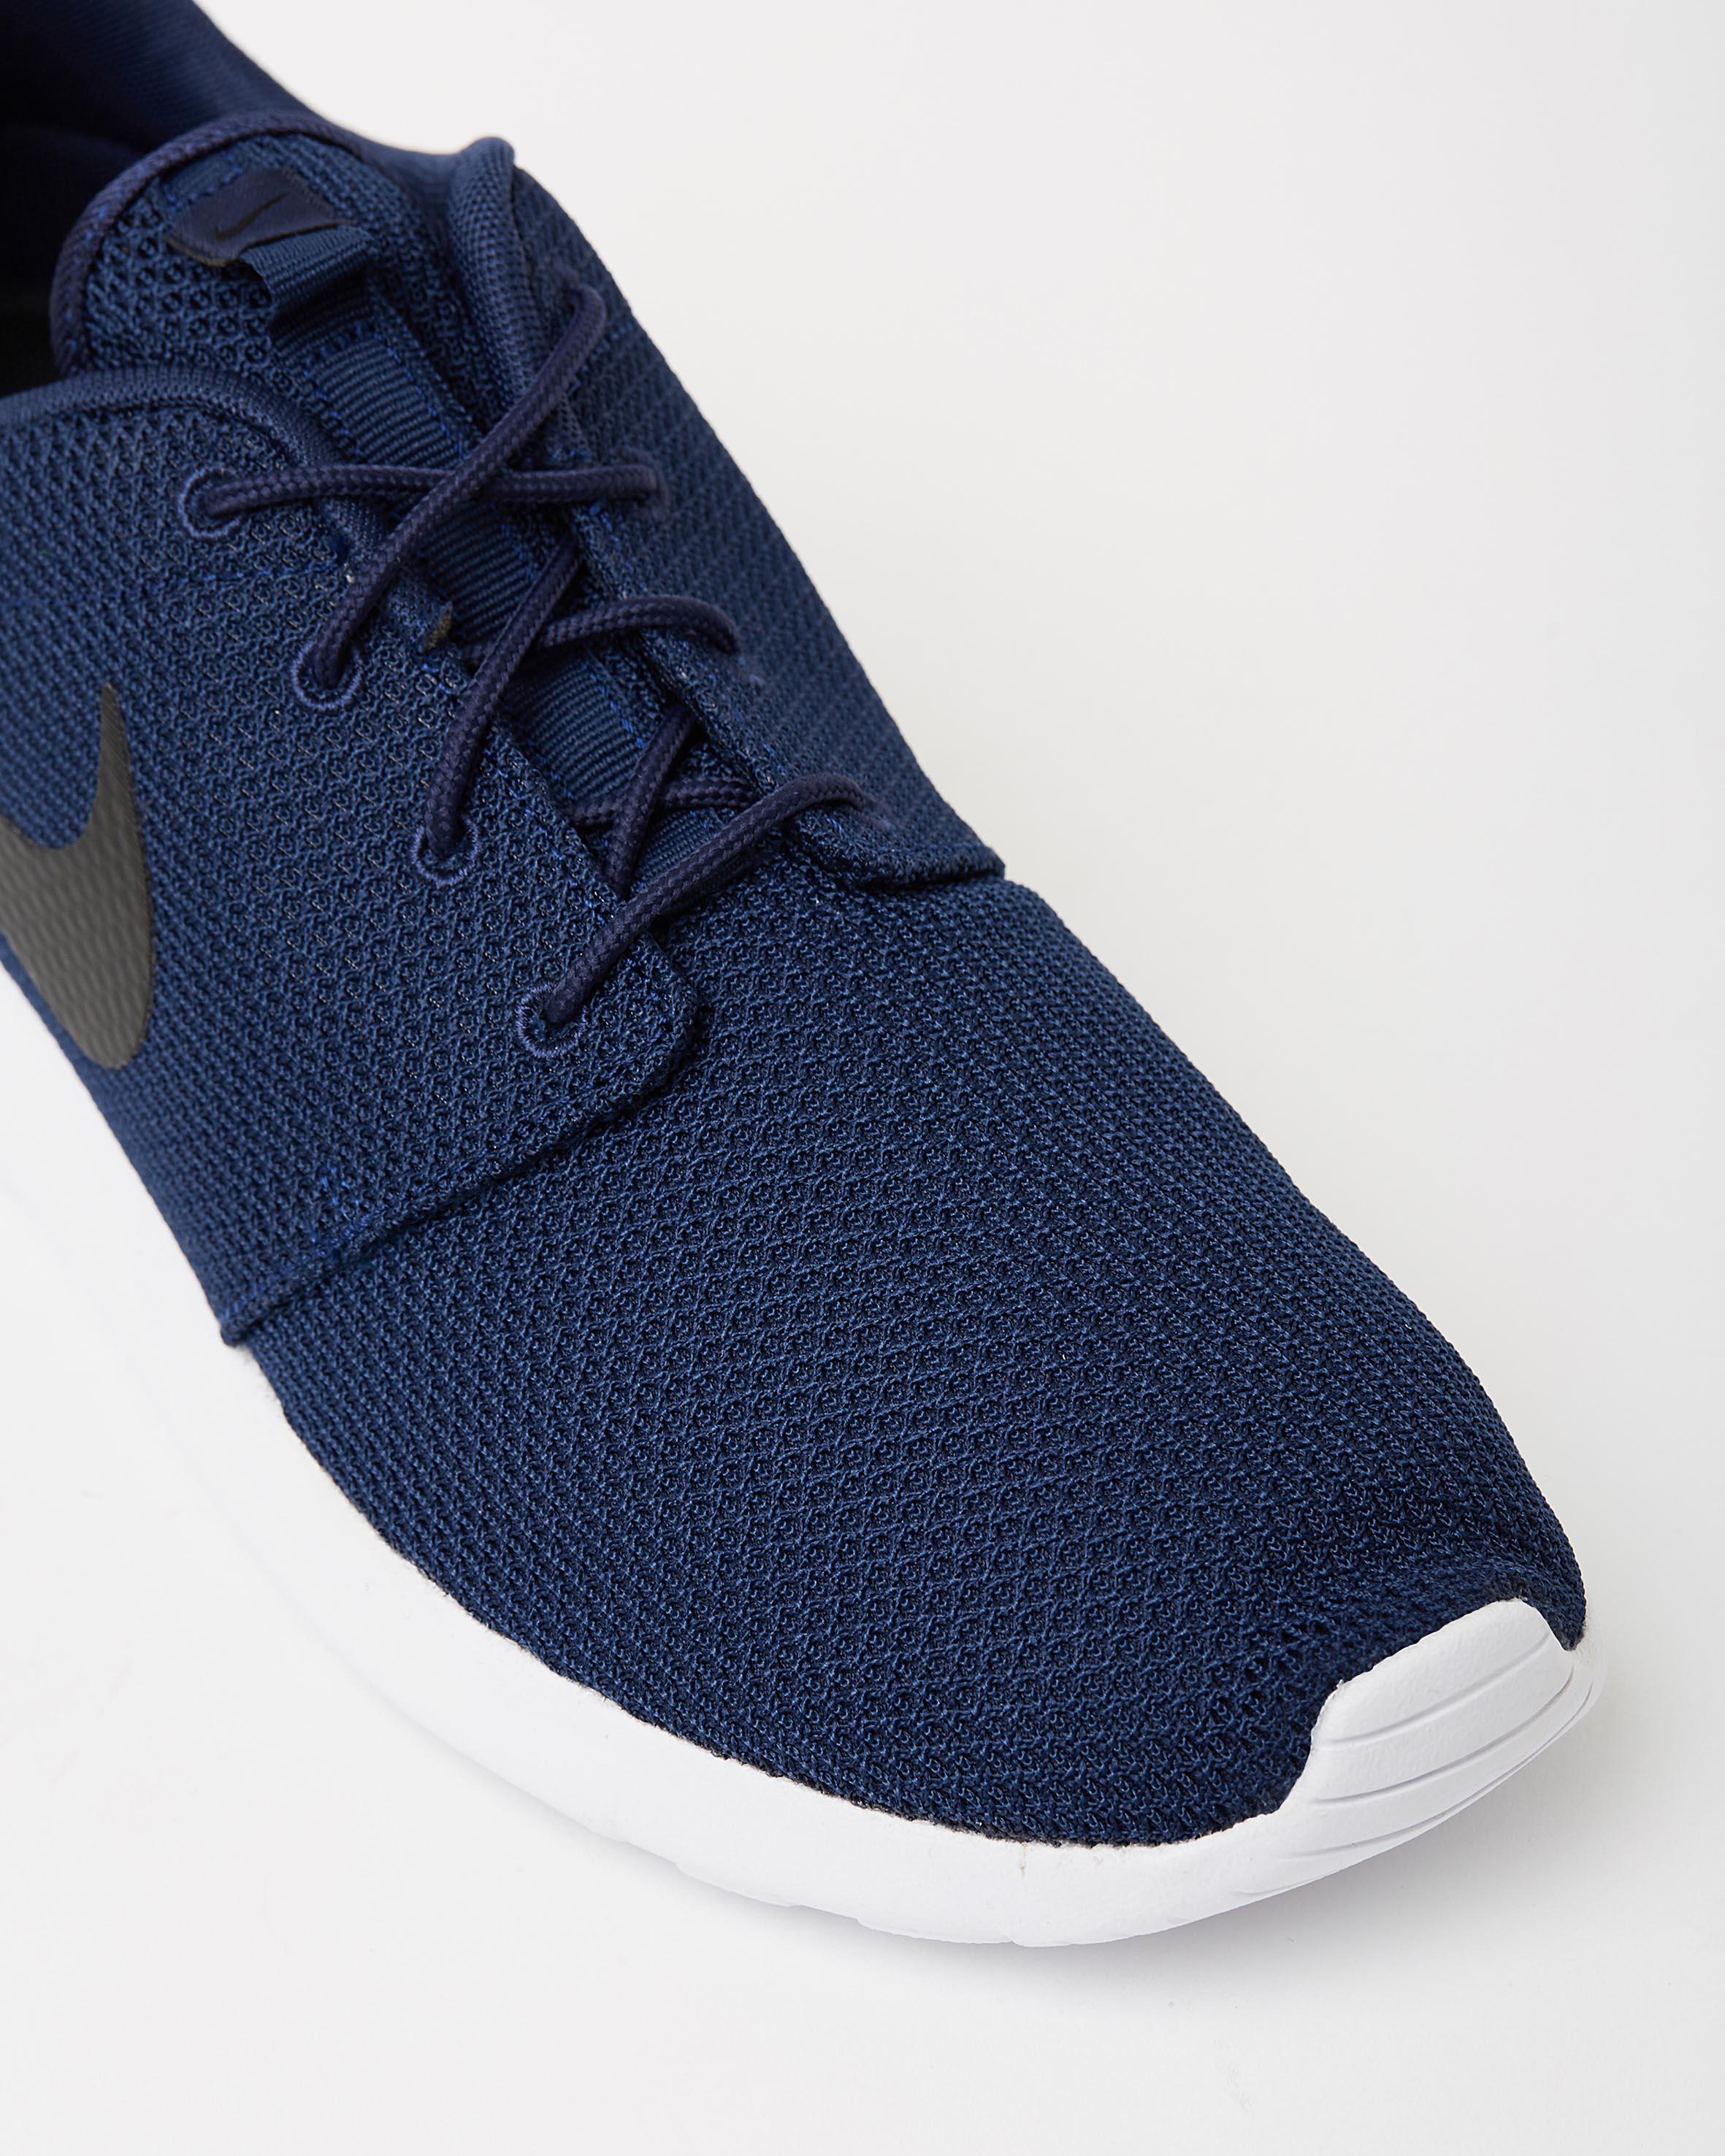 best website 81096 b1c31 ... Nike Mens Roshe One Midnight Navy Black White 4